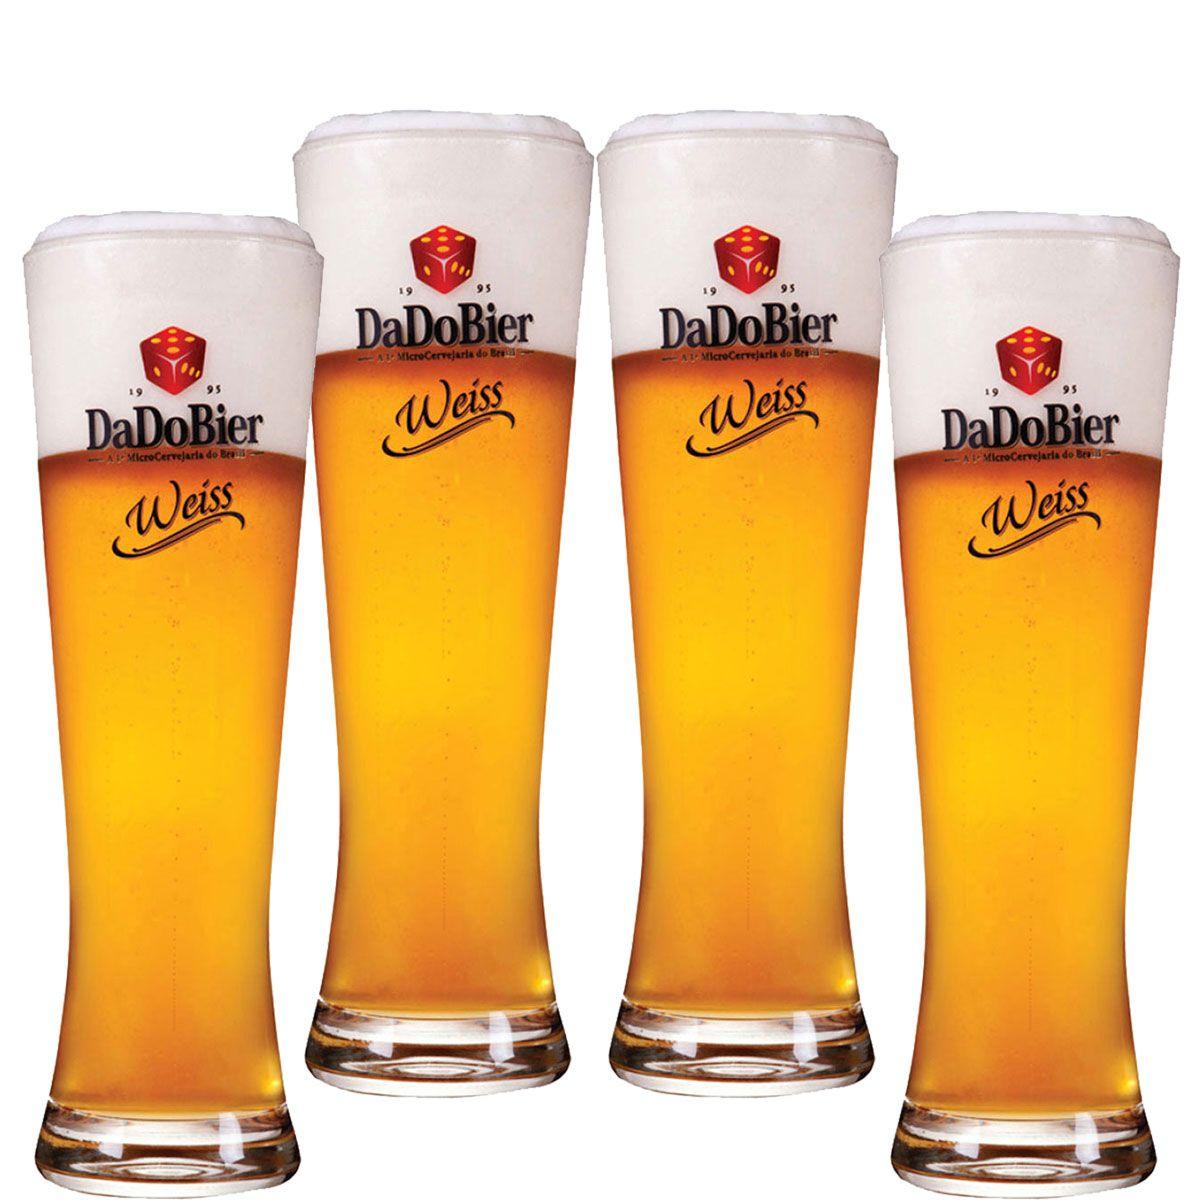 Copos De Cerveja - Dado Bier Weiss 720ml c/ 4 Pcs